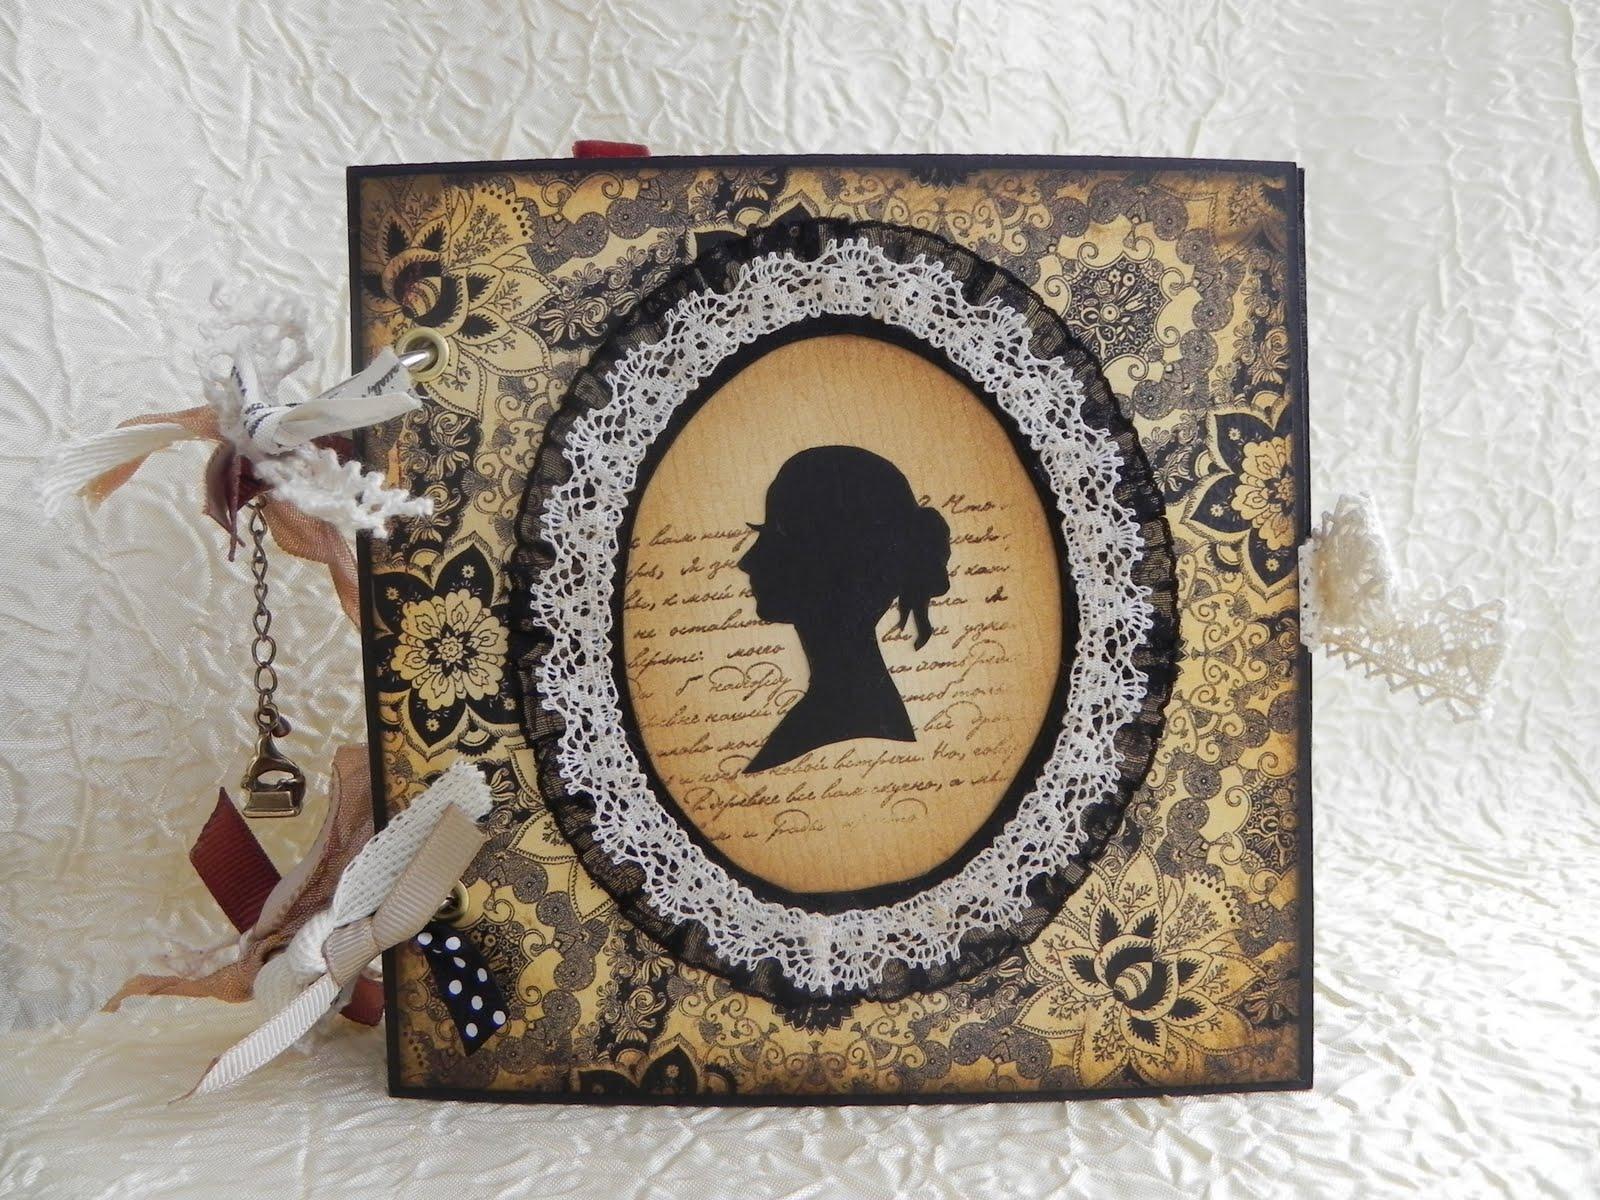 Фотоальбом для женщин, Любимая :: Галерея альбомов фотографий 5 фотография